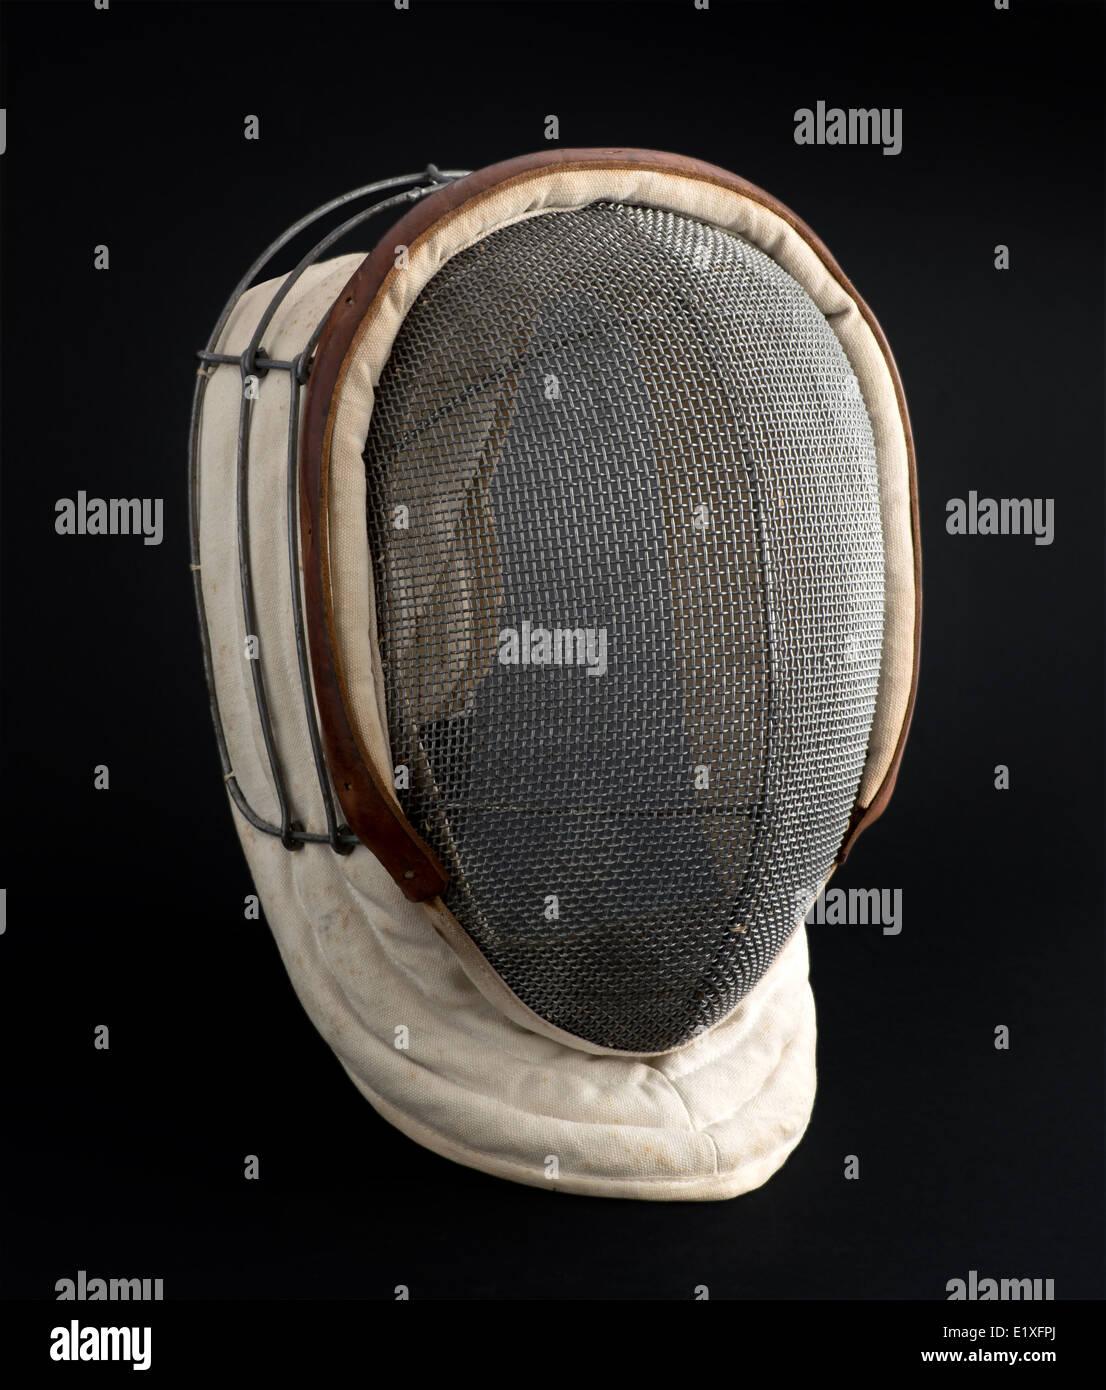 Maschera di scherma Immagini Stock